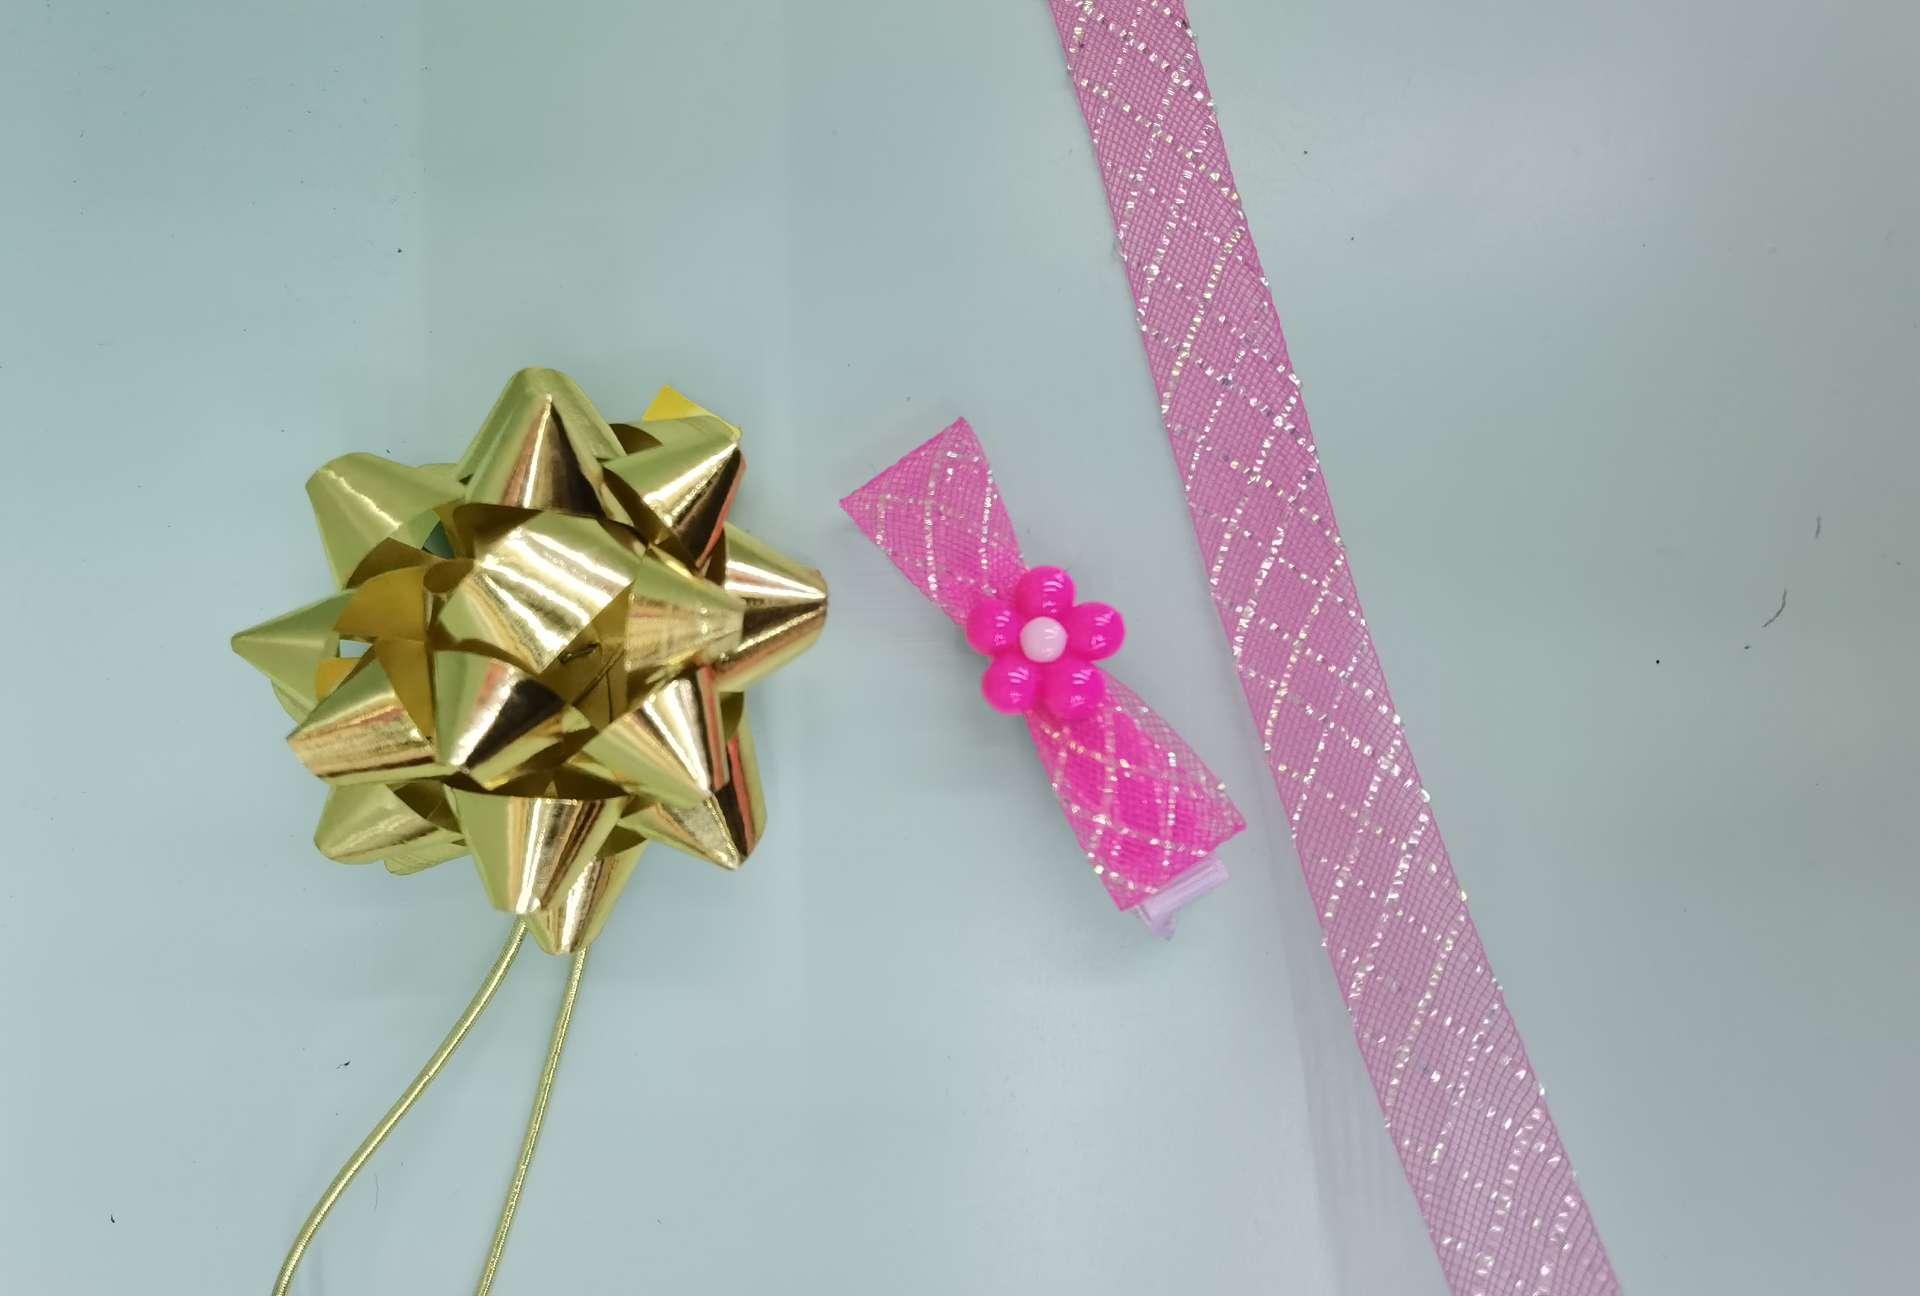 低弹丝格子 弹性纱网 厂家直销  渔网  饰品配件 工艺品配件